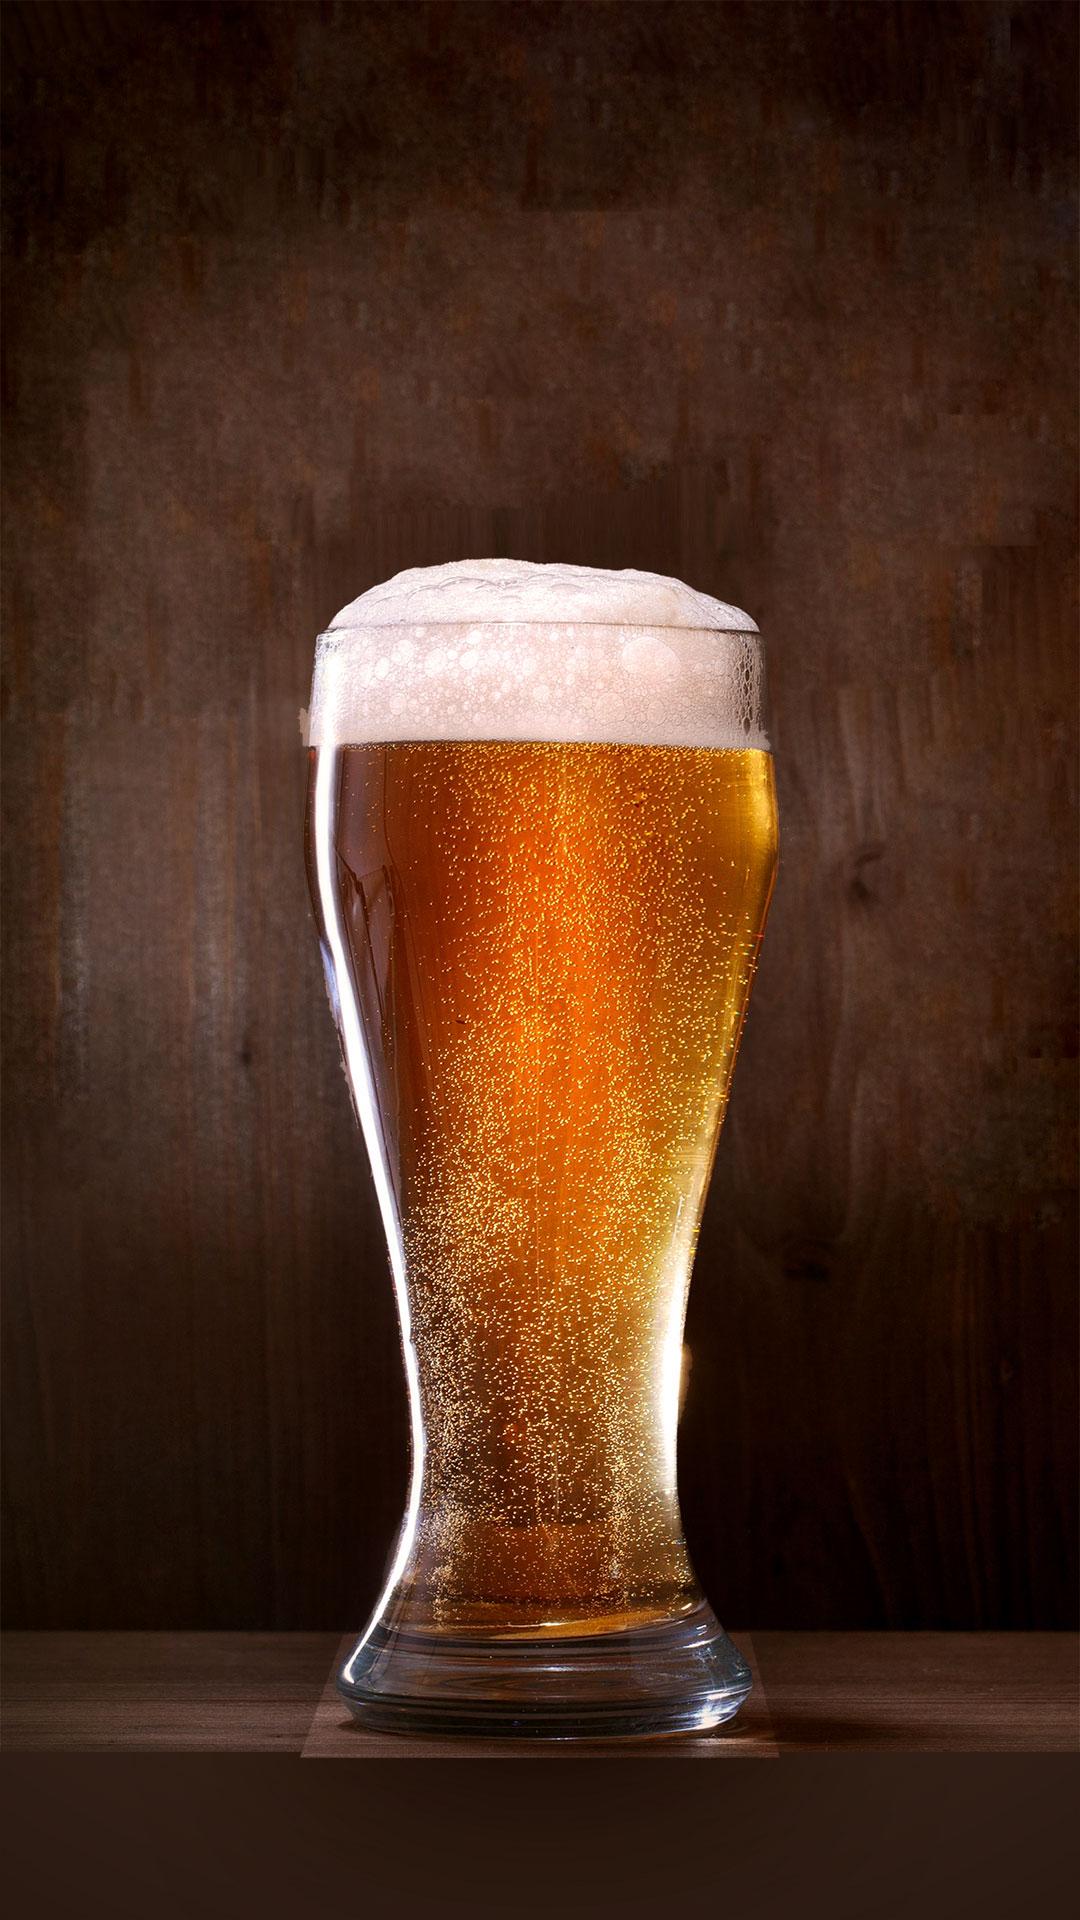 Draft Beer Beer Beer Beer Festival Promotion Beer Pure